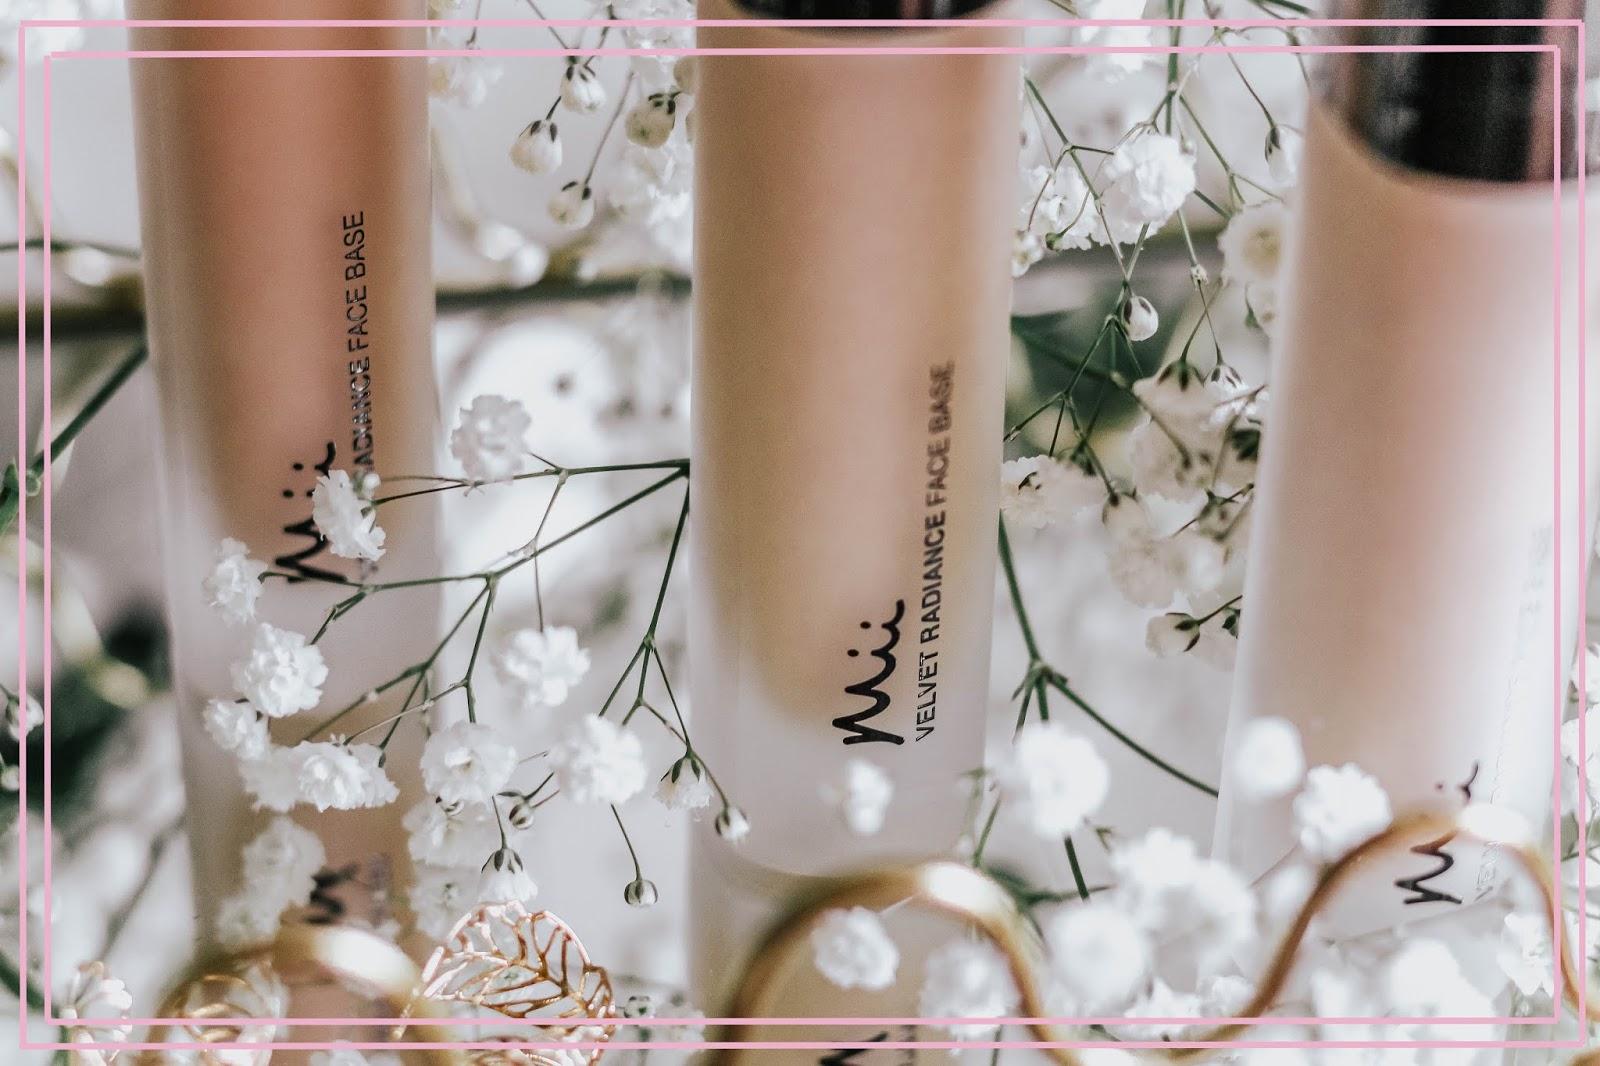 Mii Cosmetics Velvet Radiance Face Base Beauty Blog Review